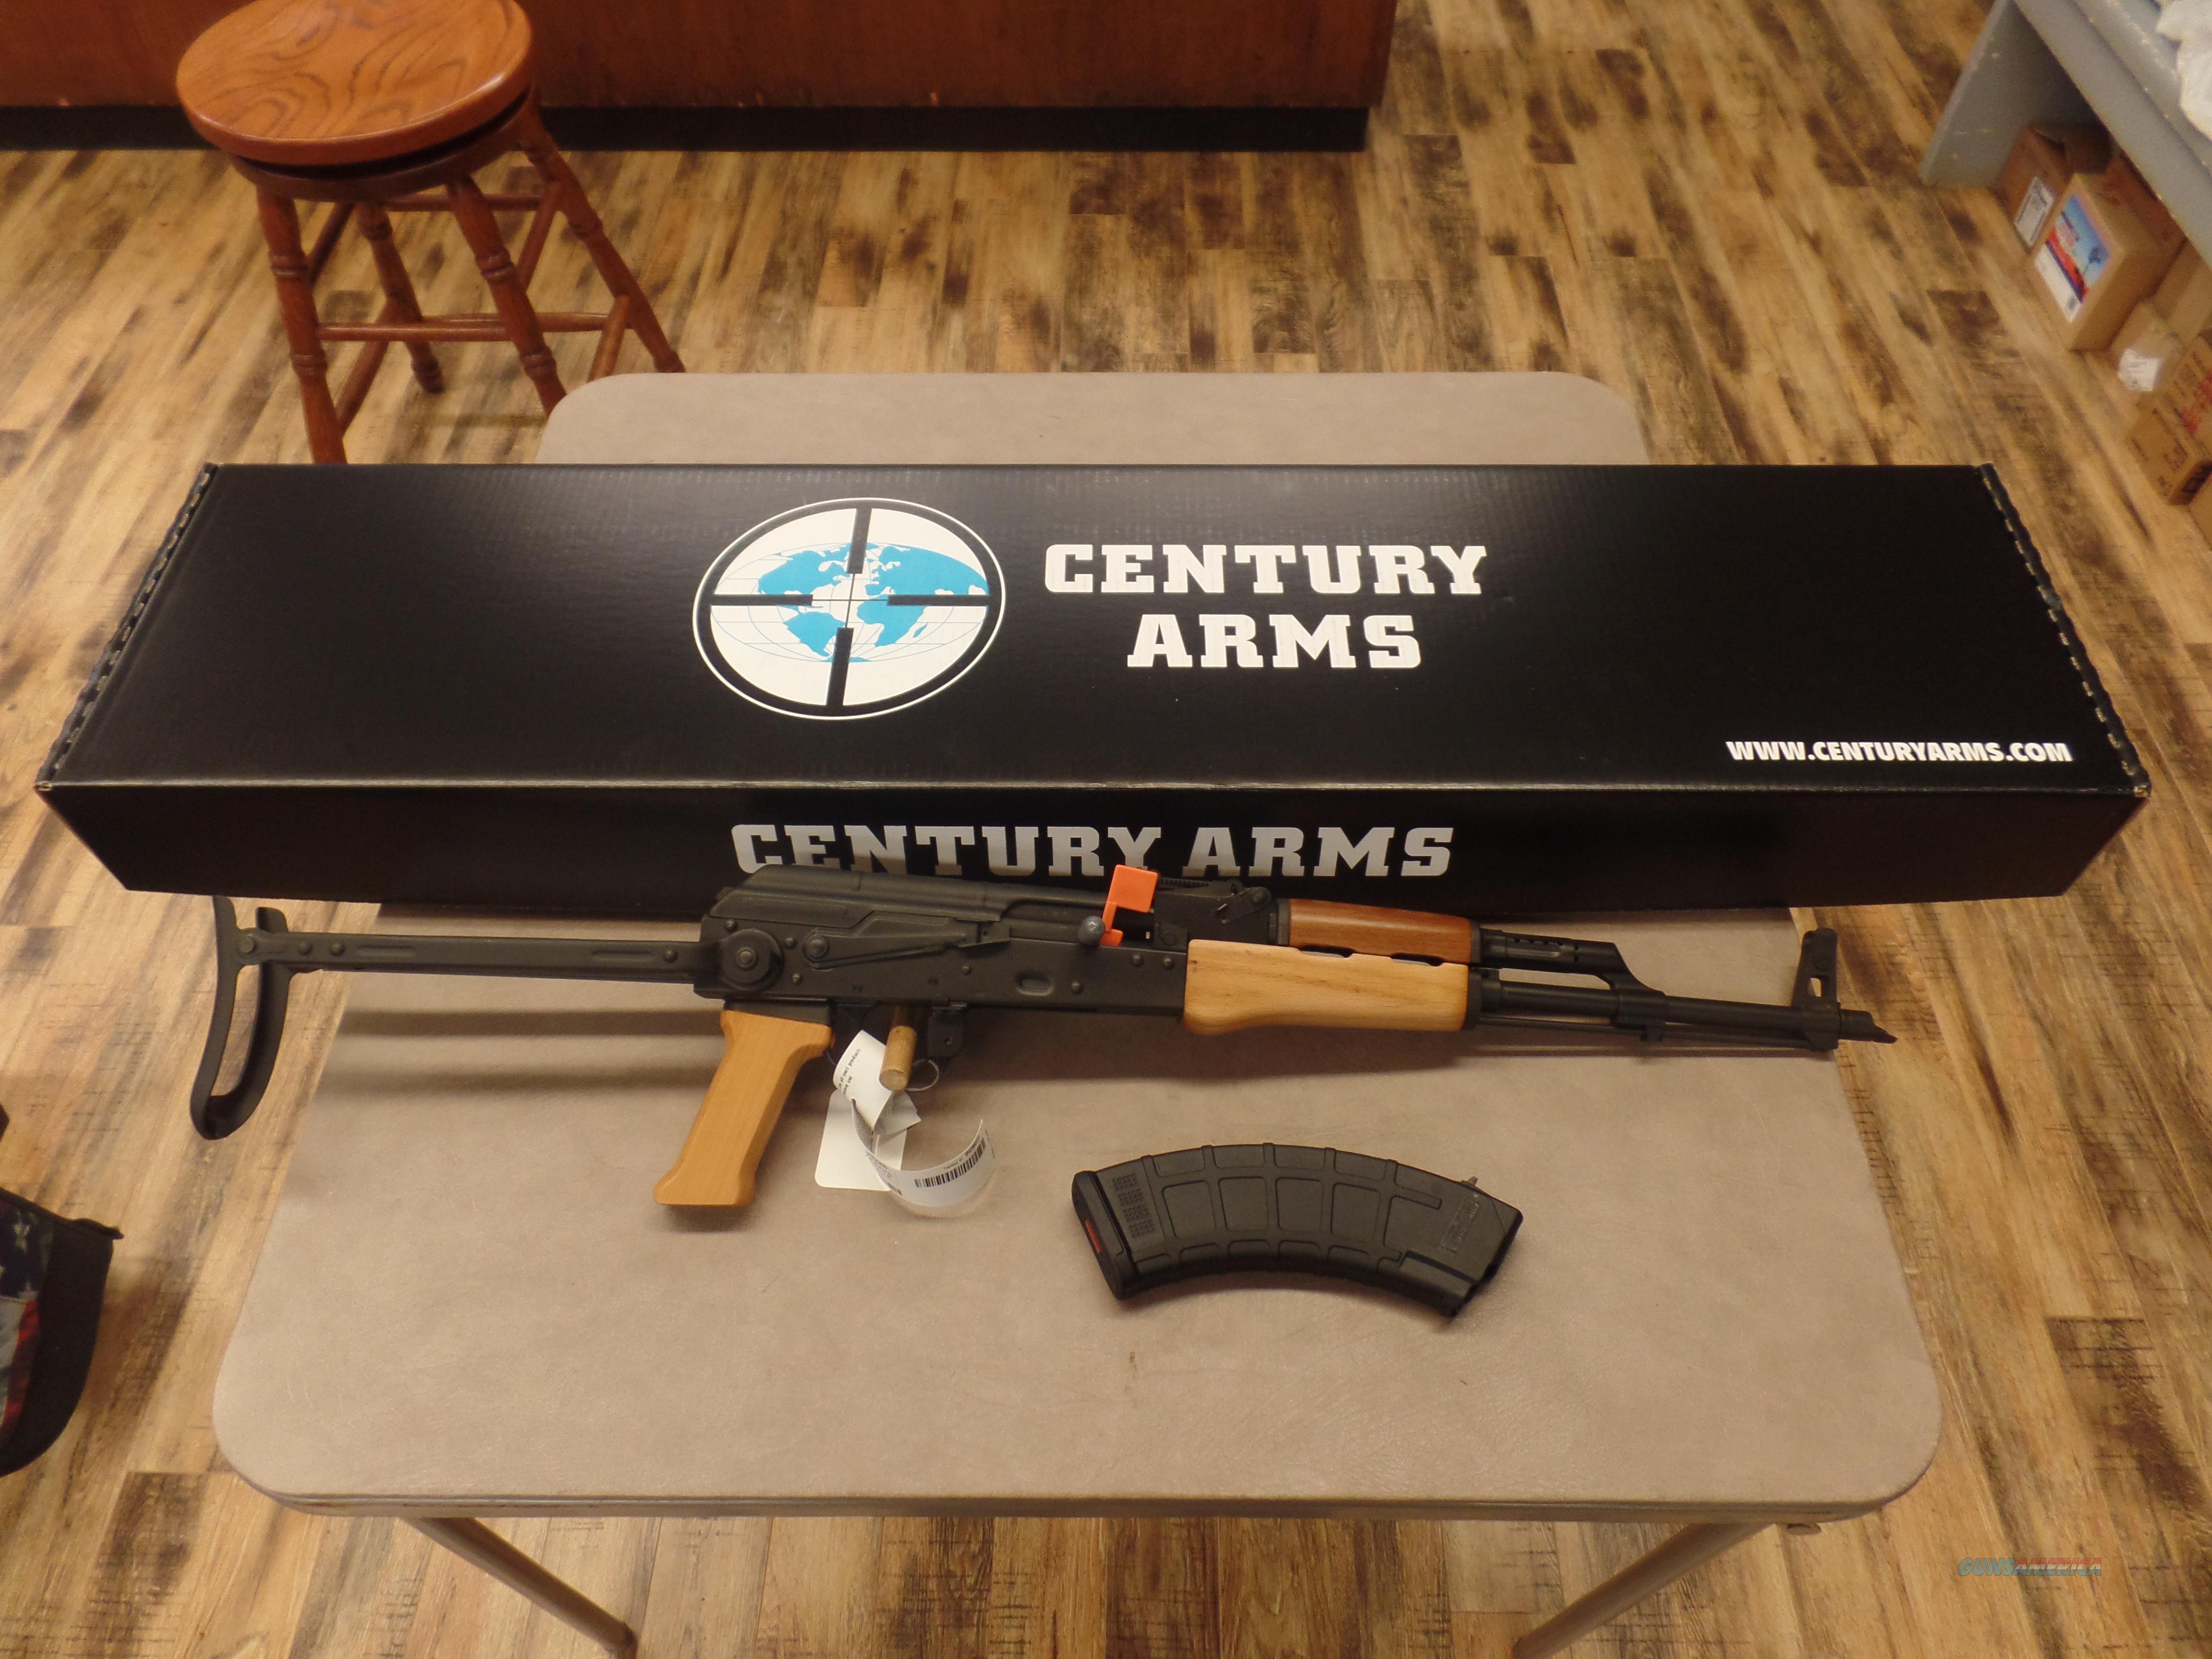 Century Arms Folding Stock AK-47 (7.62x39)  Guns > Rifles > Century International Arms - Rifles > Rifles